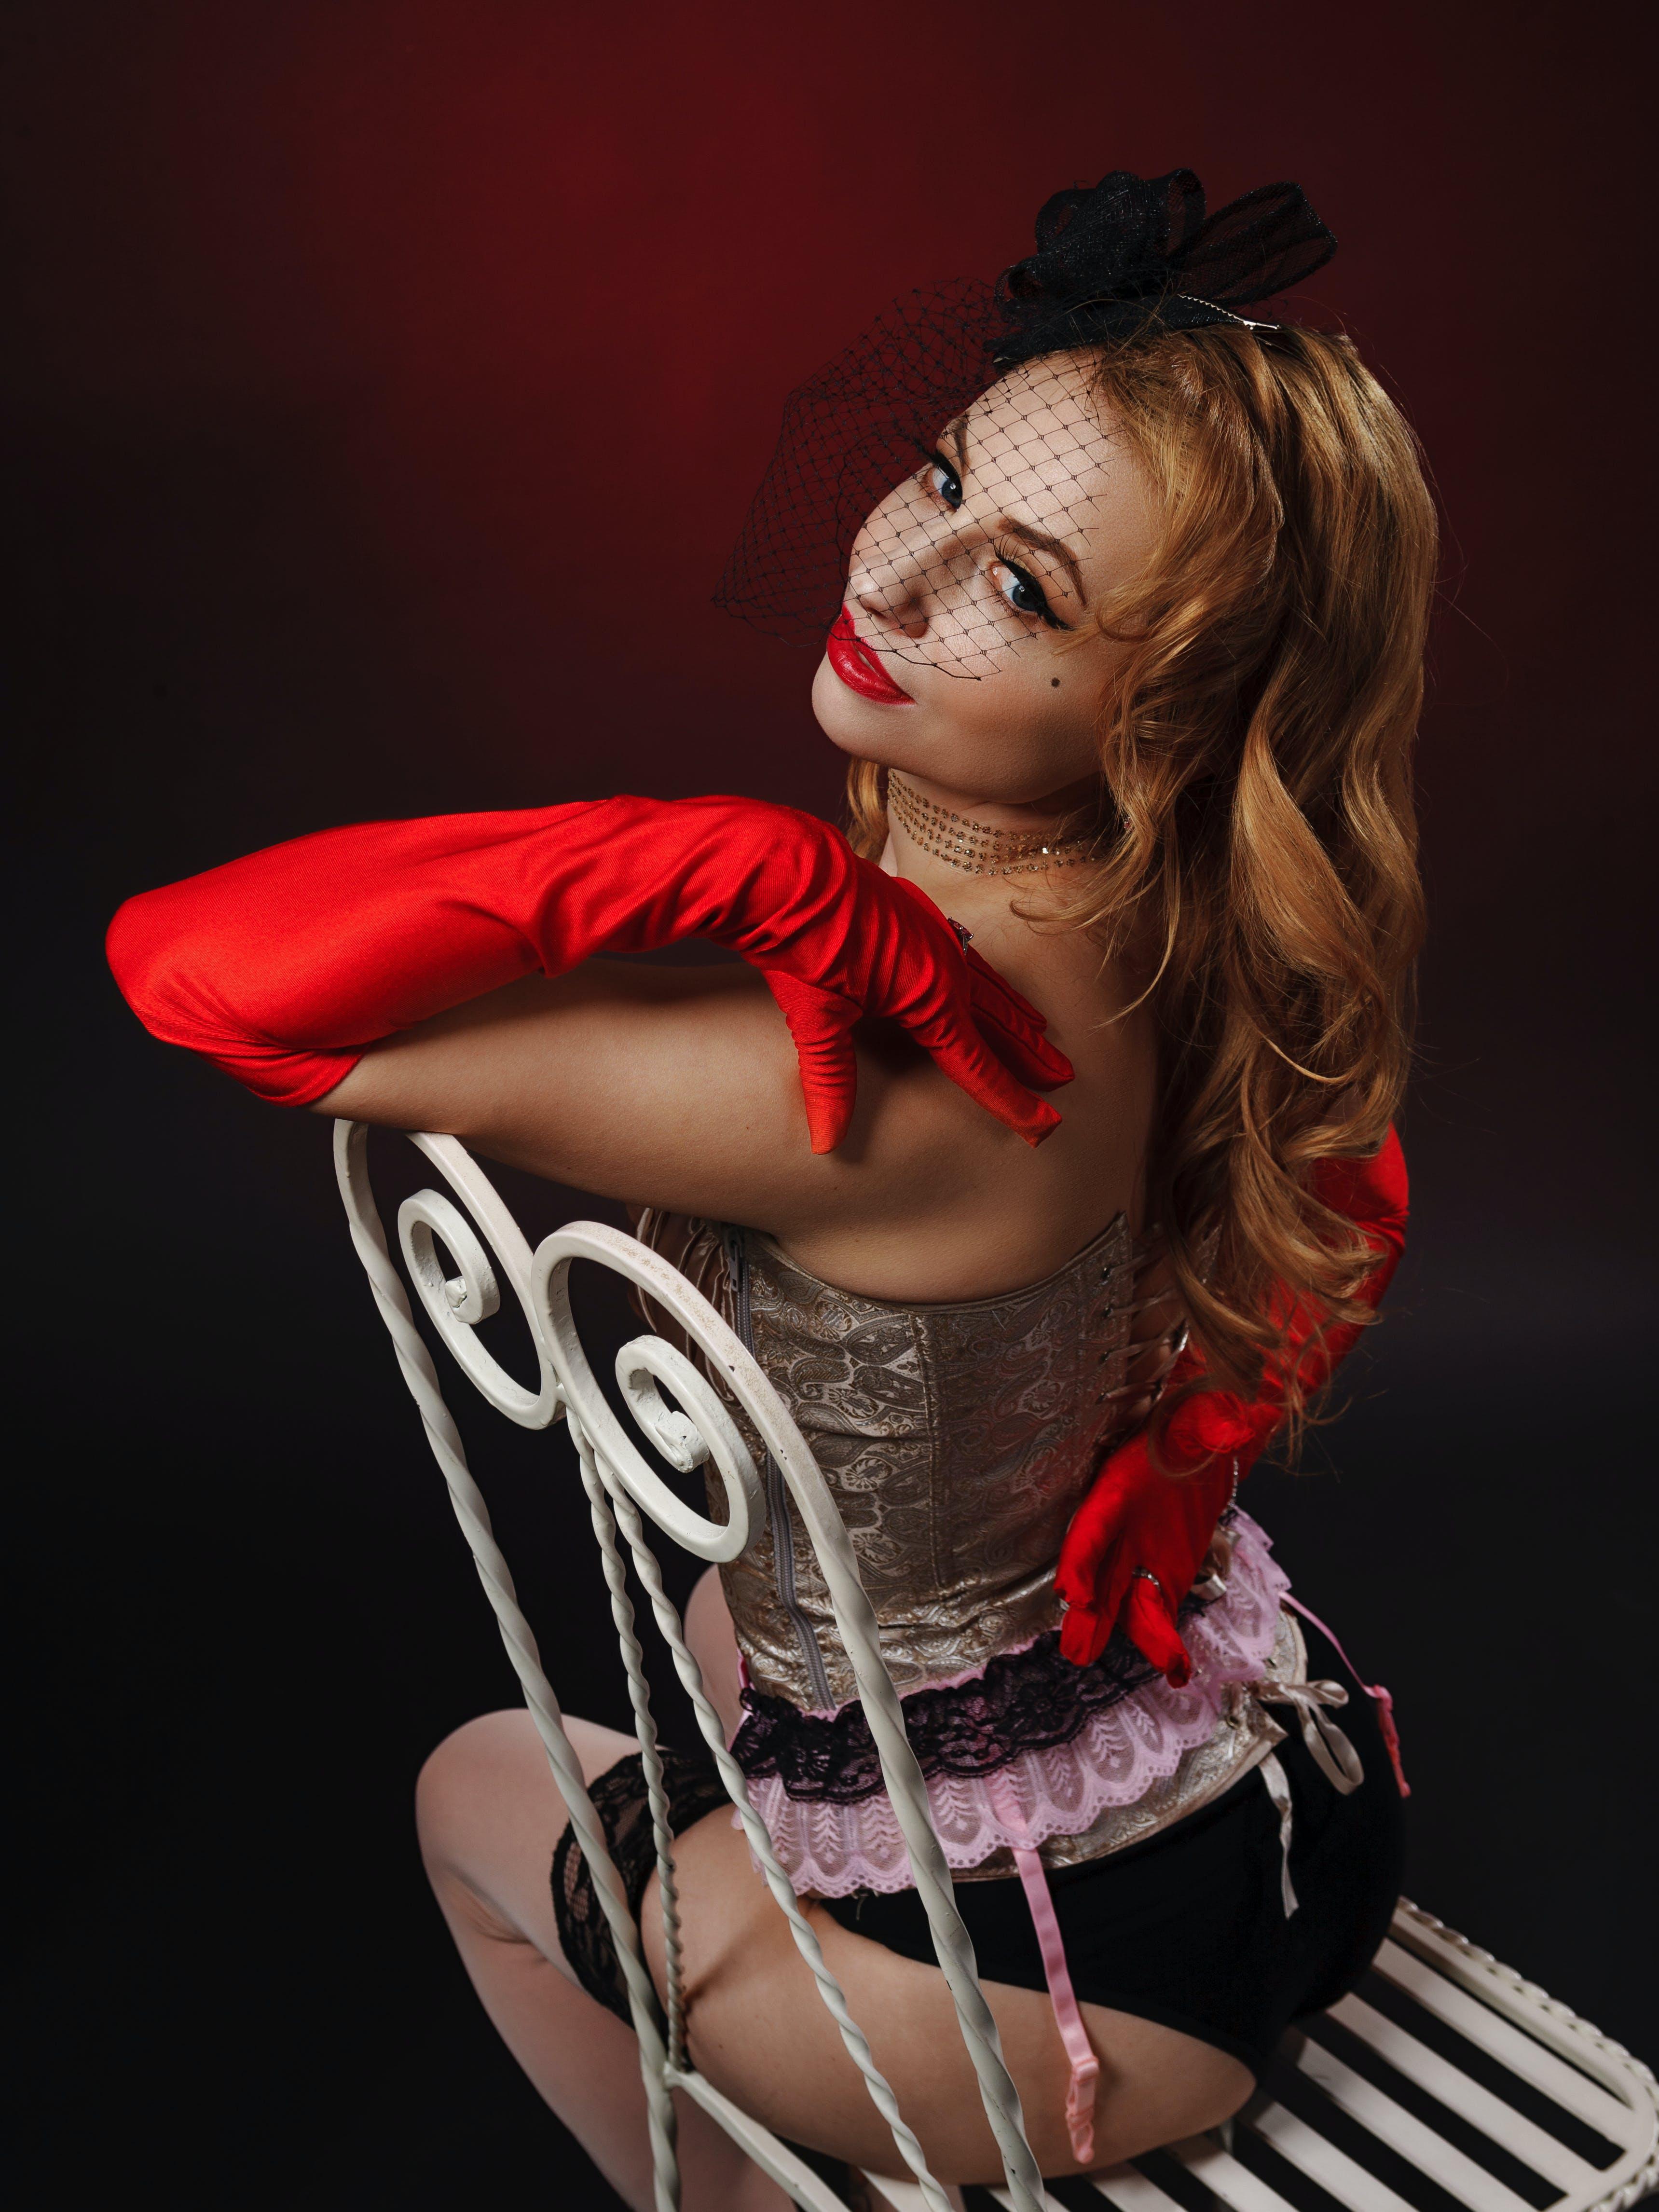 Free stock photo of burlesque